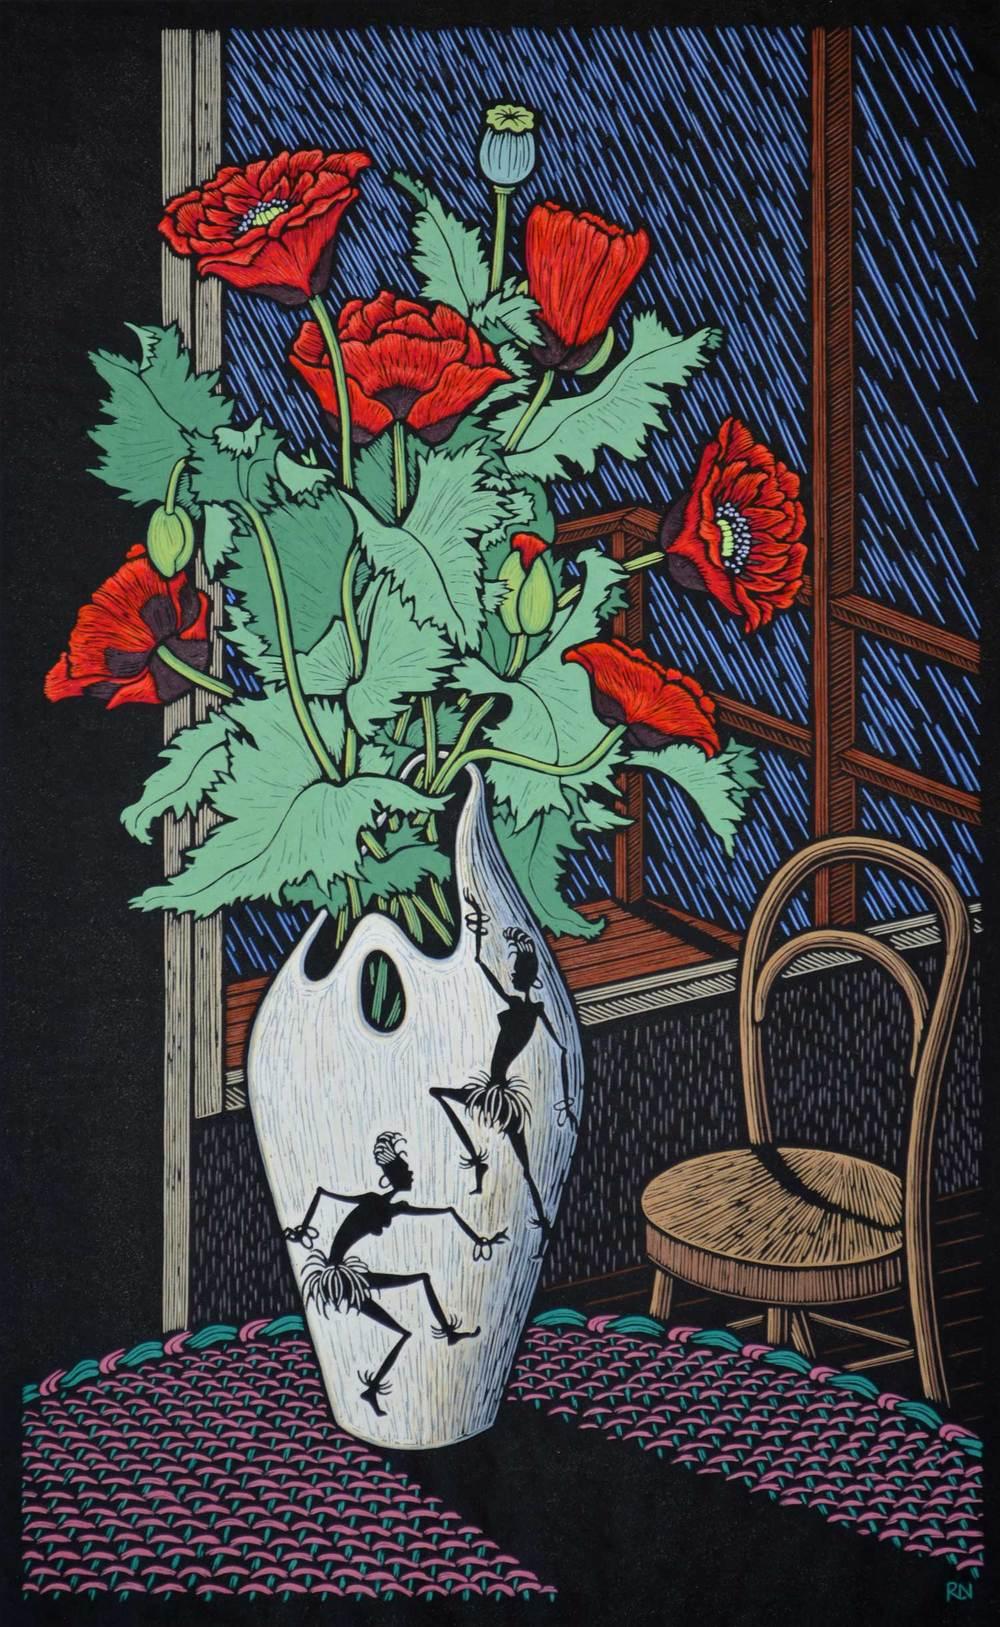 poppy-still-life-linocut-rachel-newling.jpg